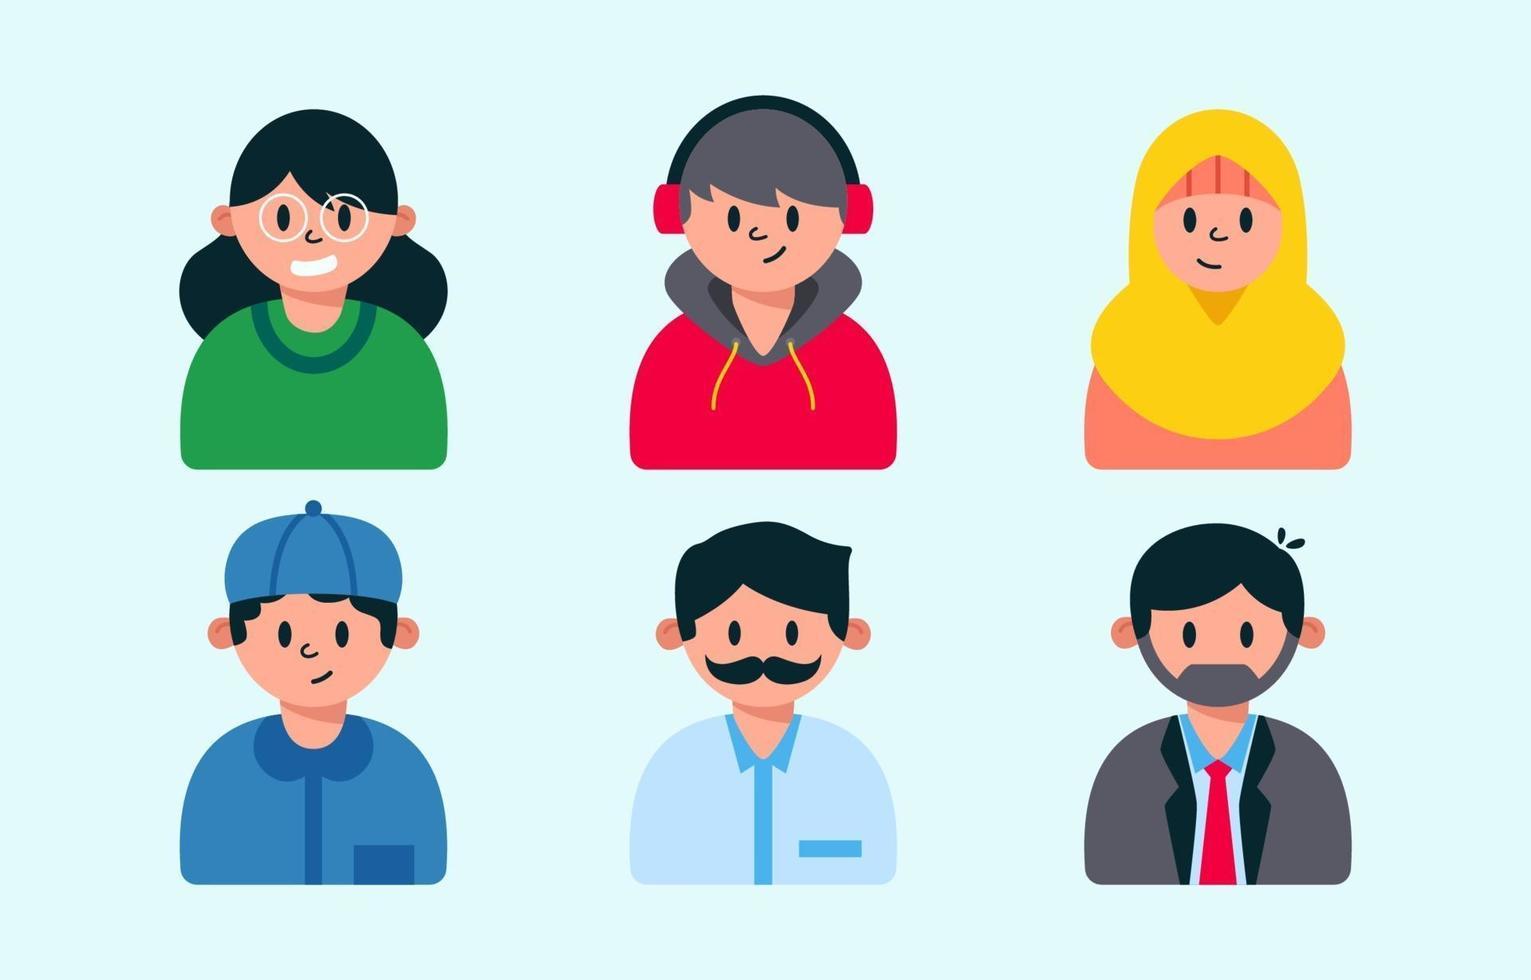 mensen algemene avatar collectie set vector